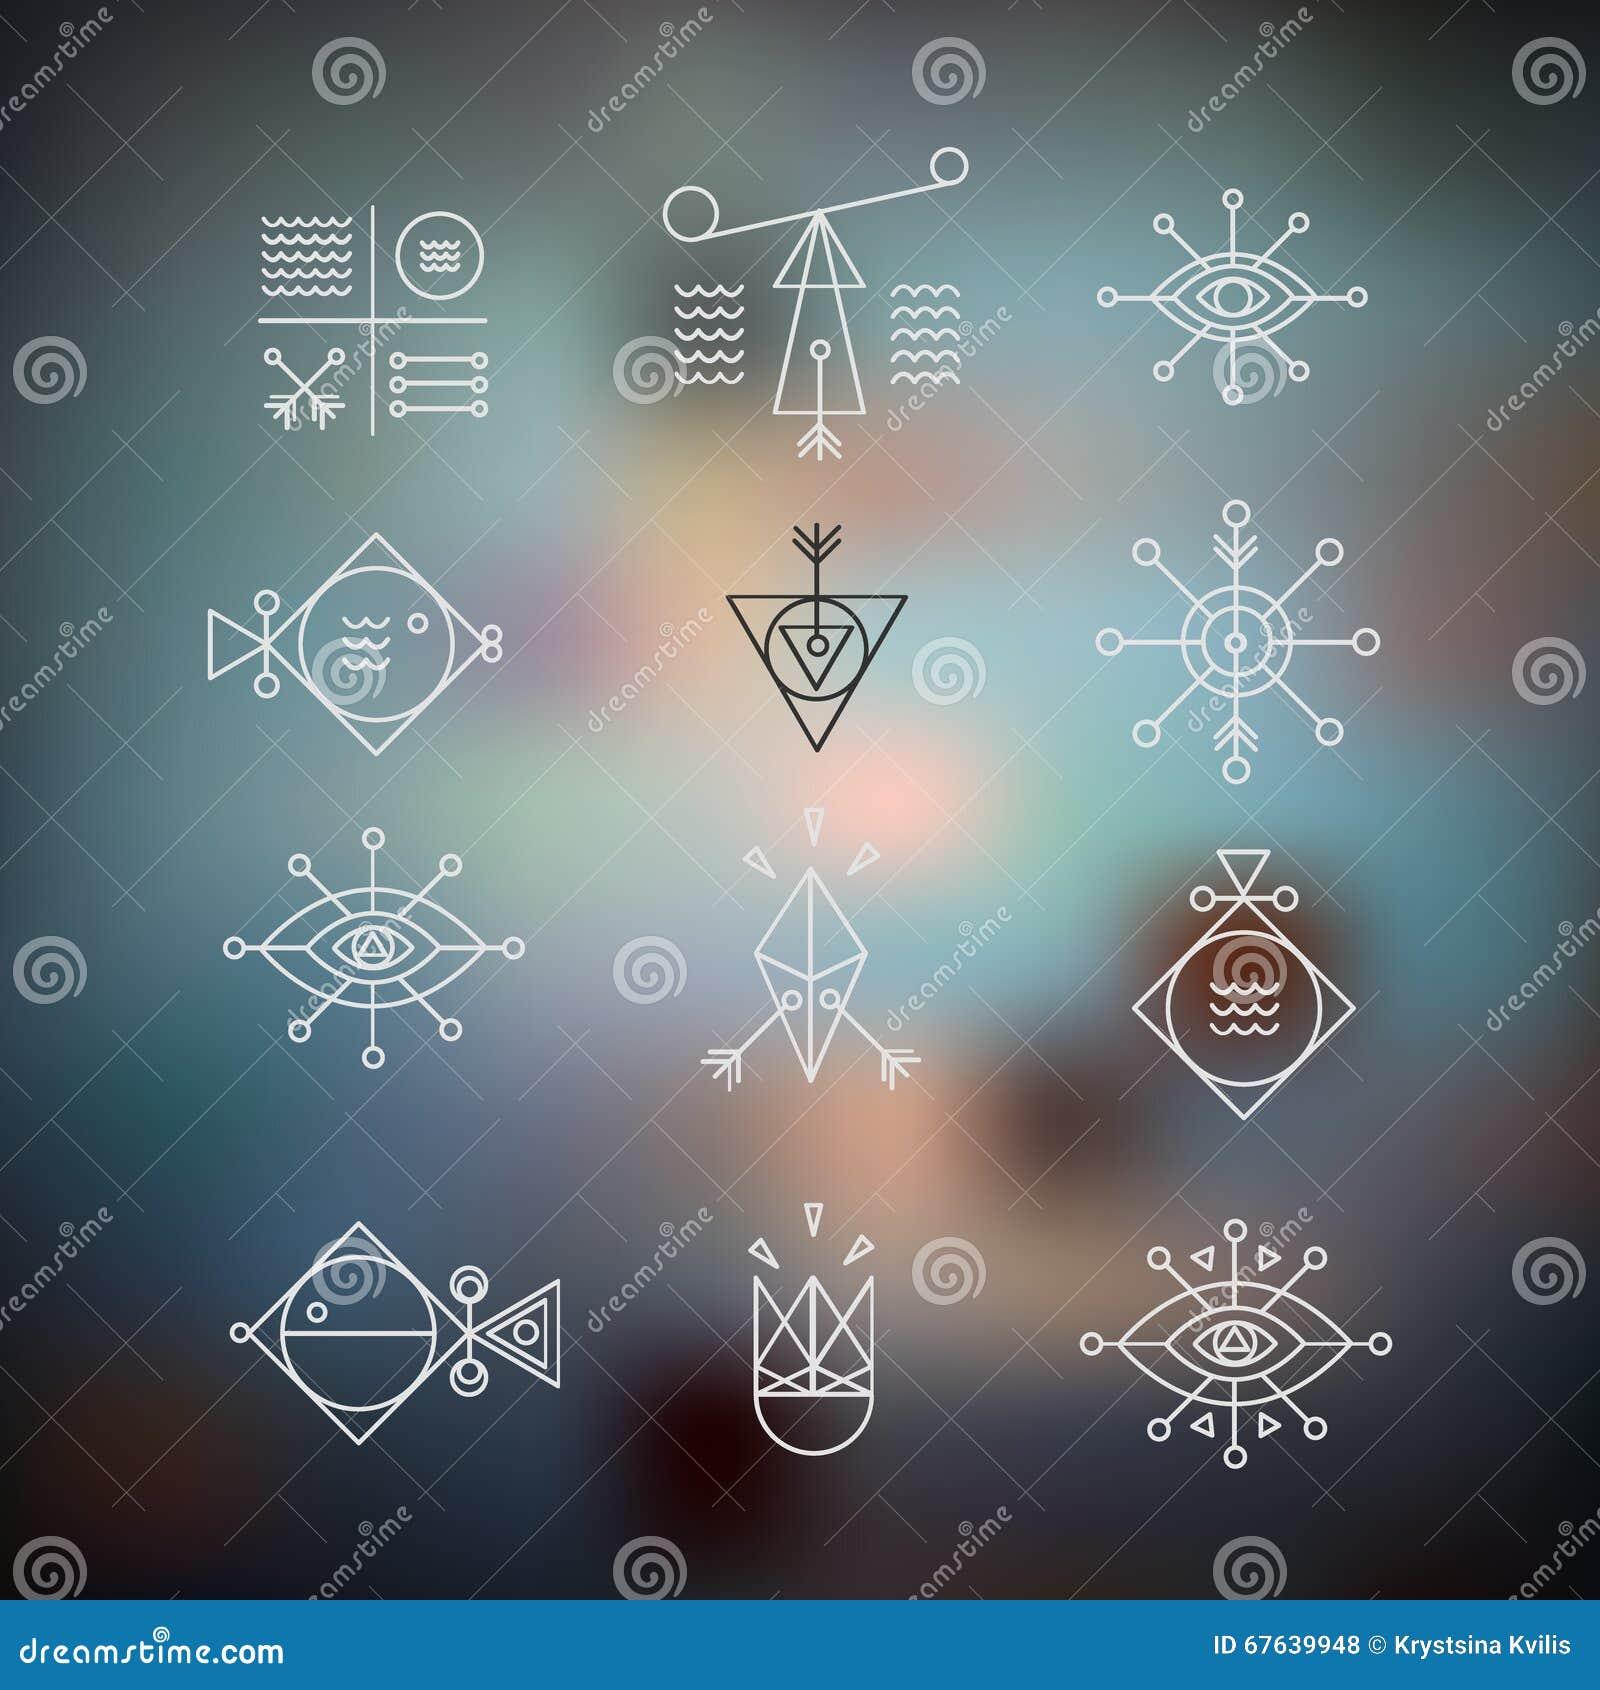 Linea la geometria di forme Alchemia, religione, filosofia, spiritualit